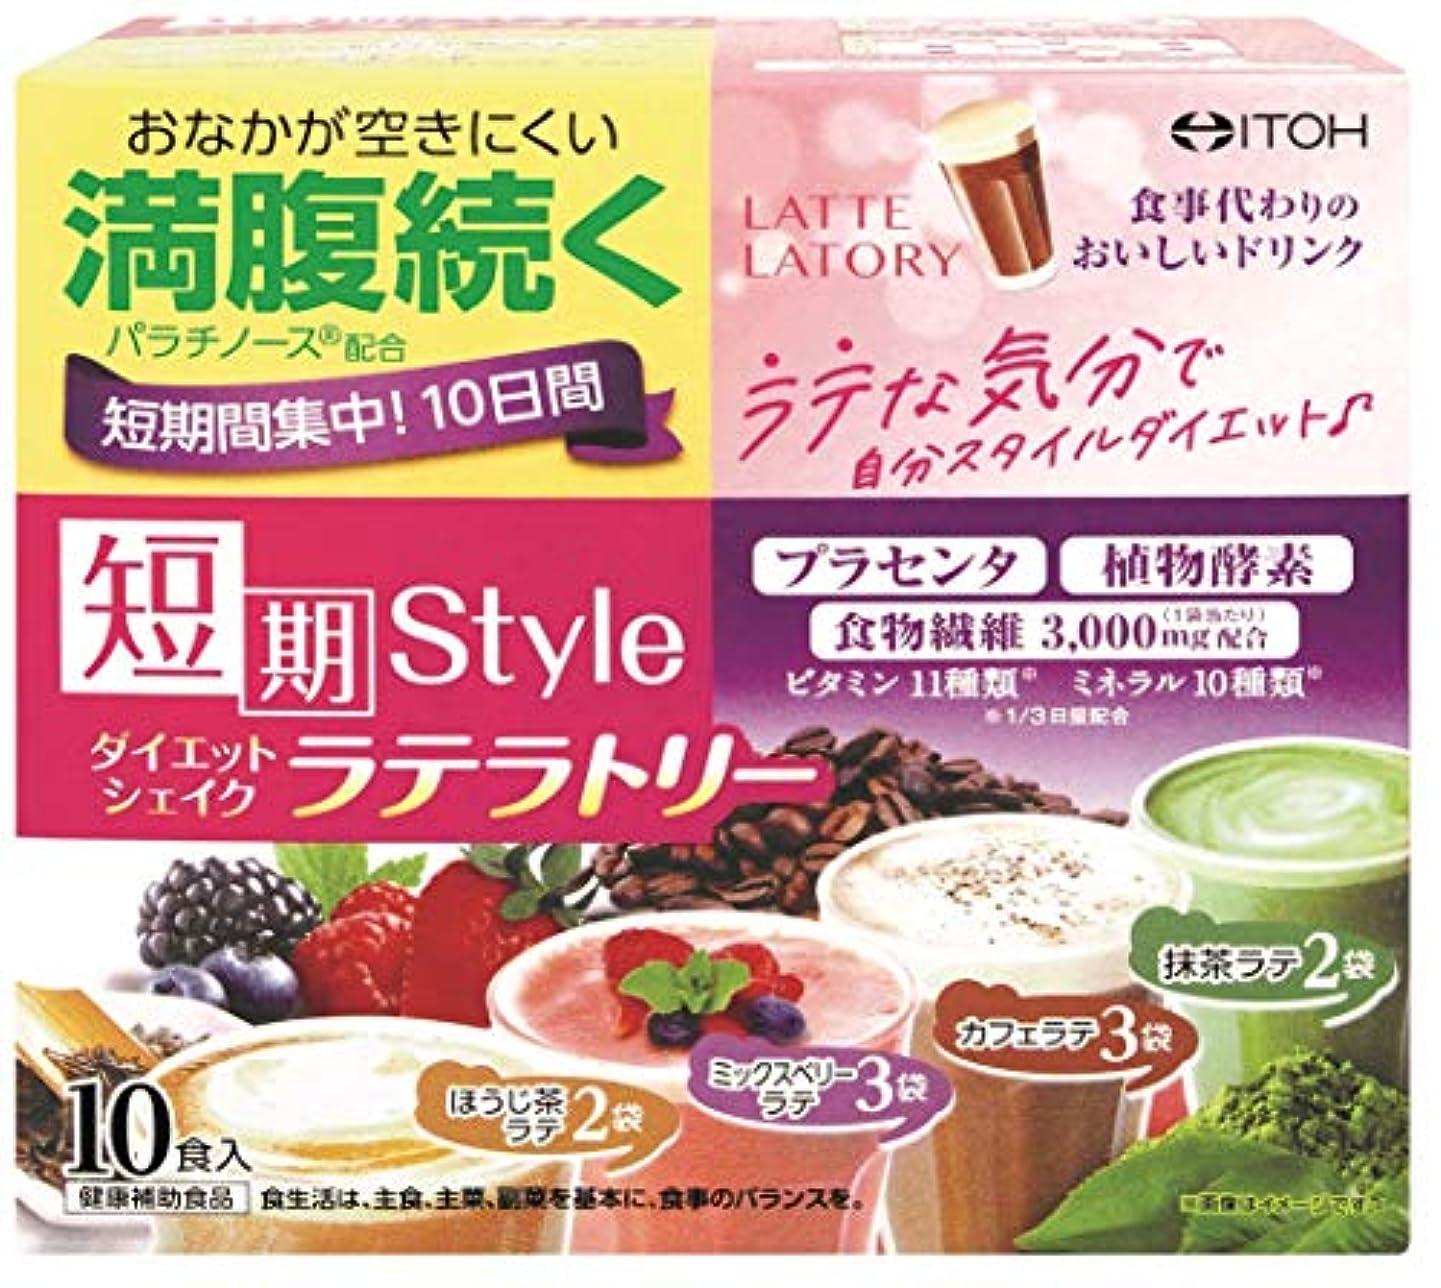 進む陰謀バリア井藤漢方製薬 短期スタイルダイエットシェイク ラテラトリー 10食分 25g×10袋